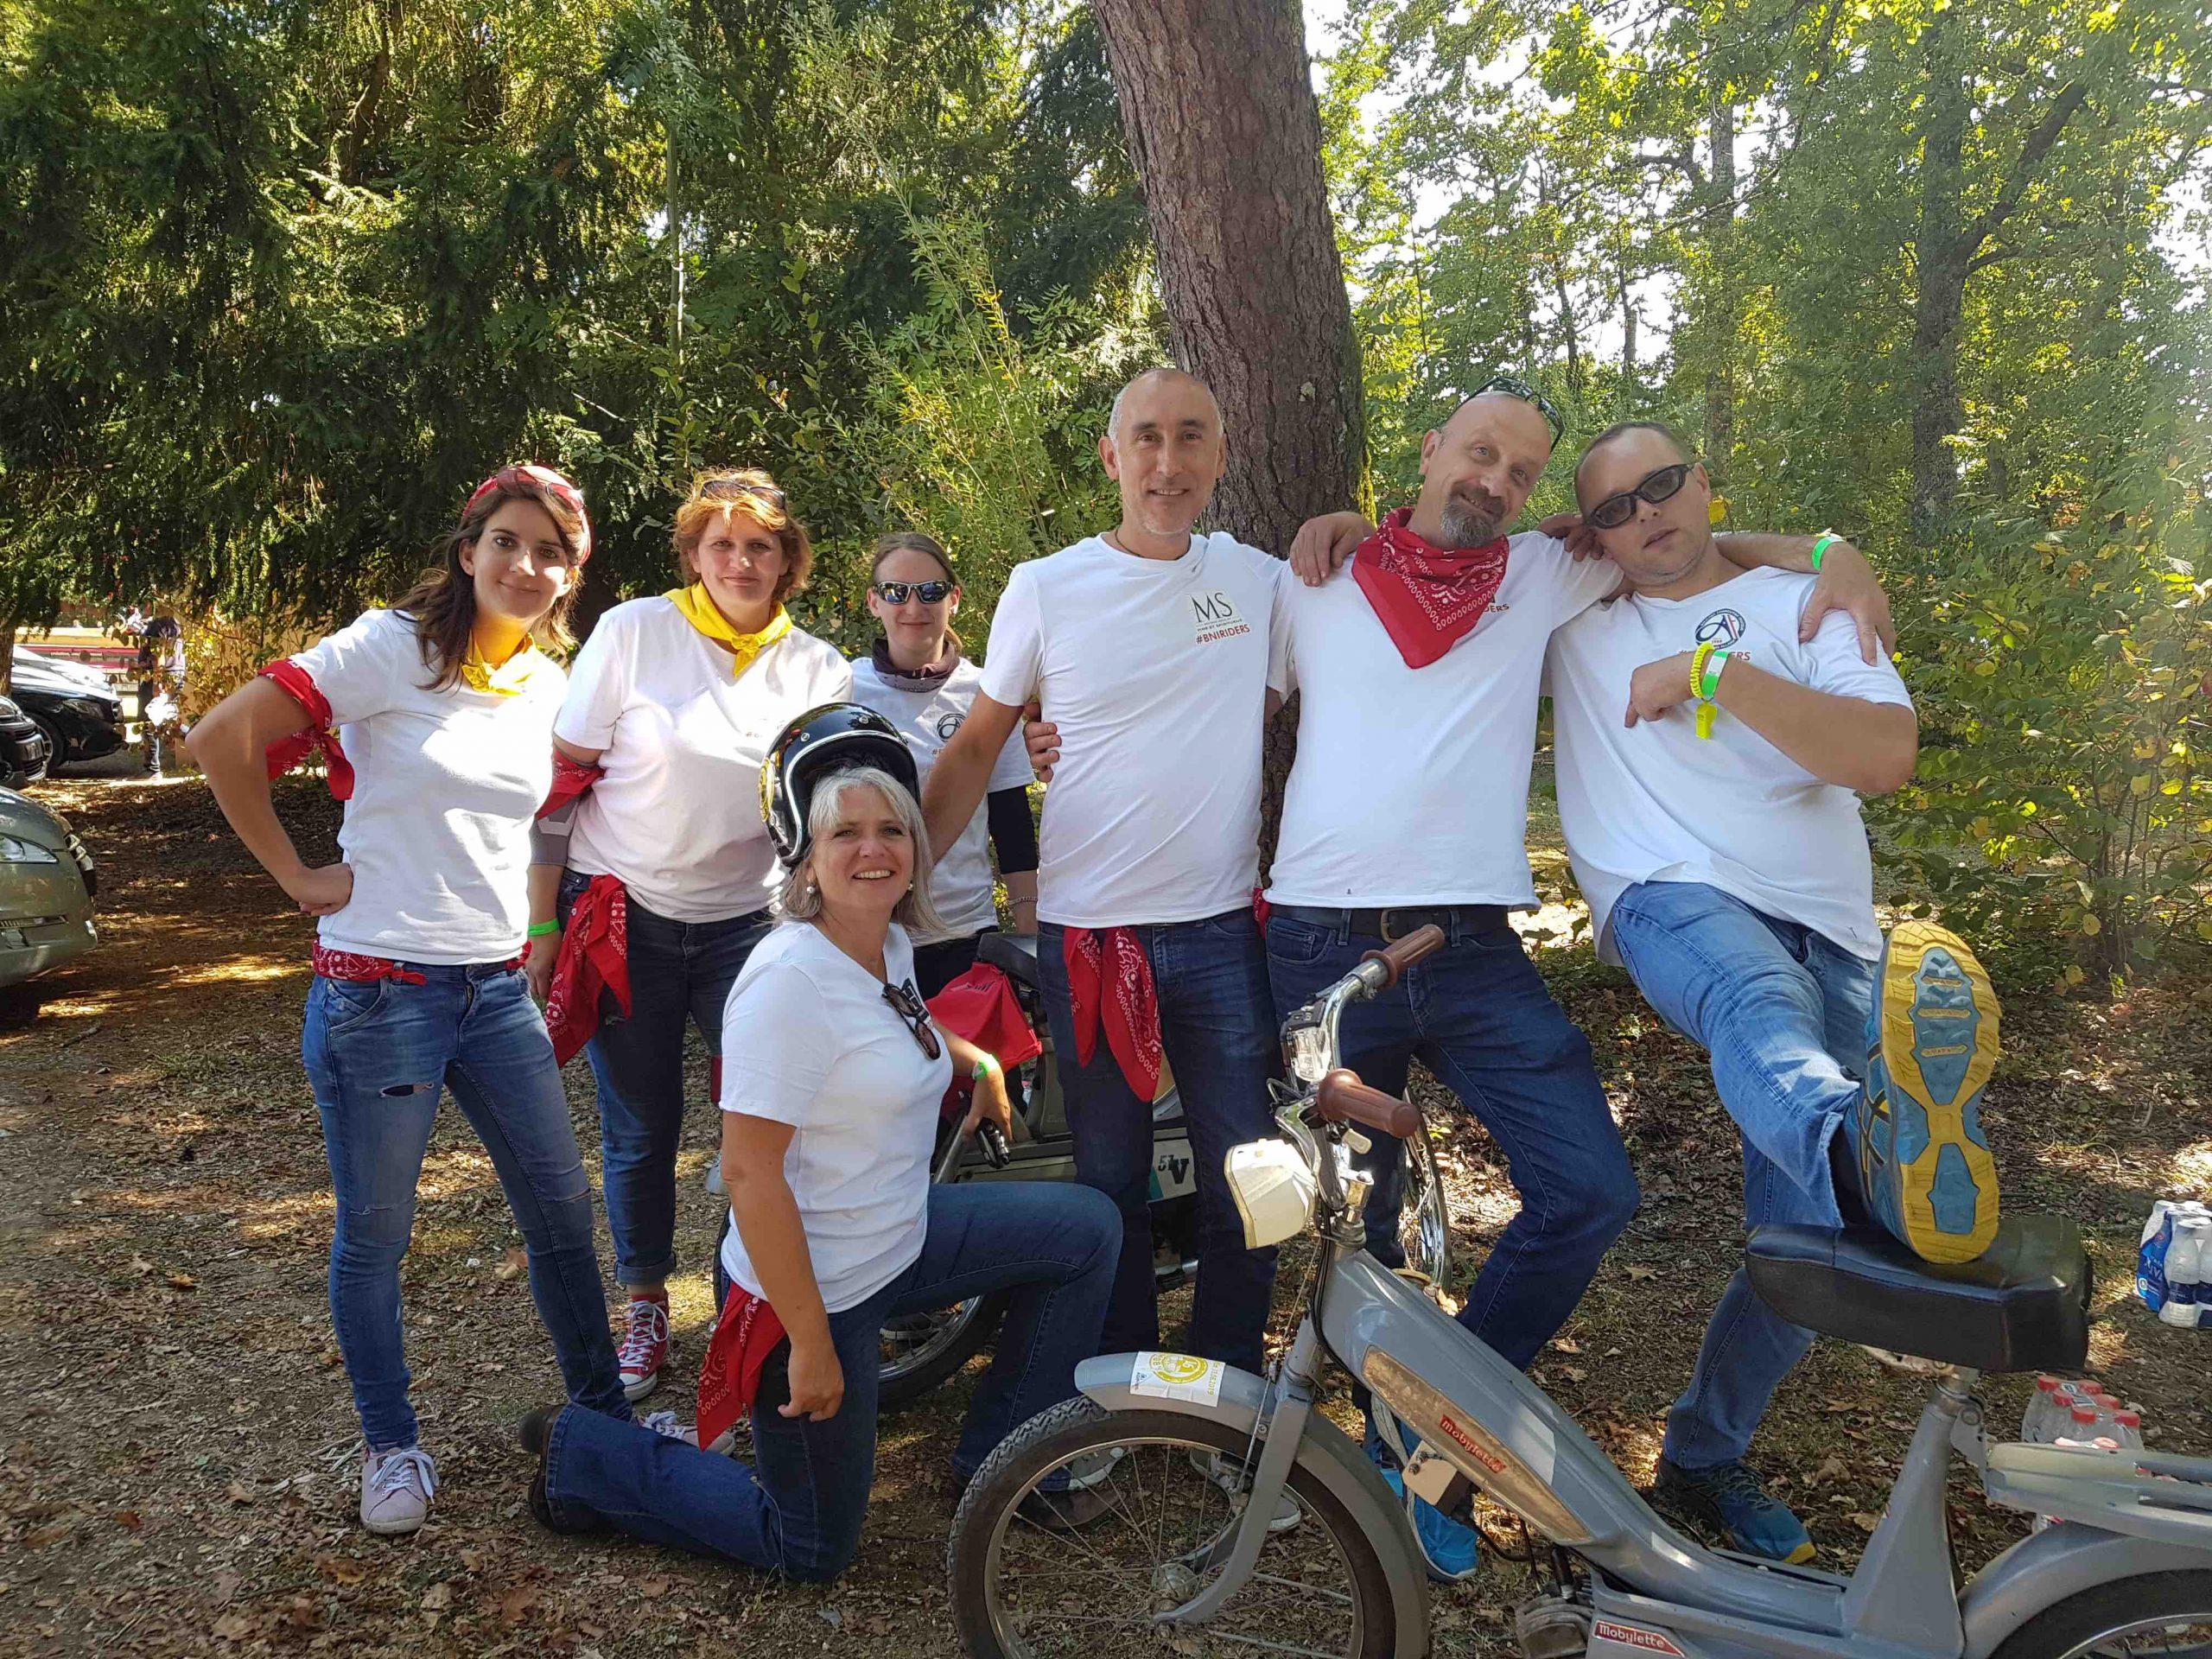 team_bni_riders.jpg